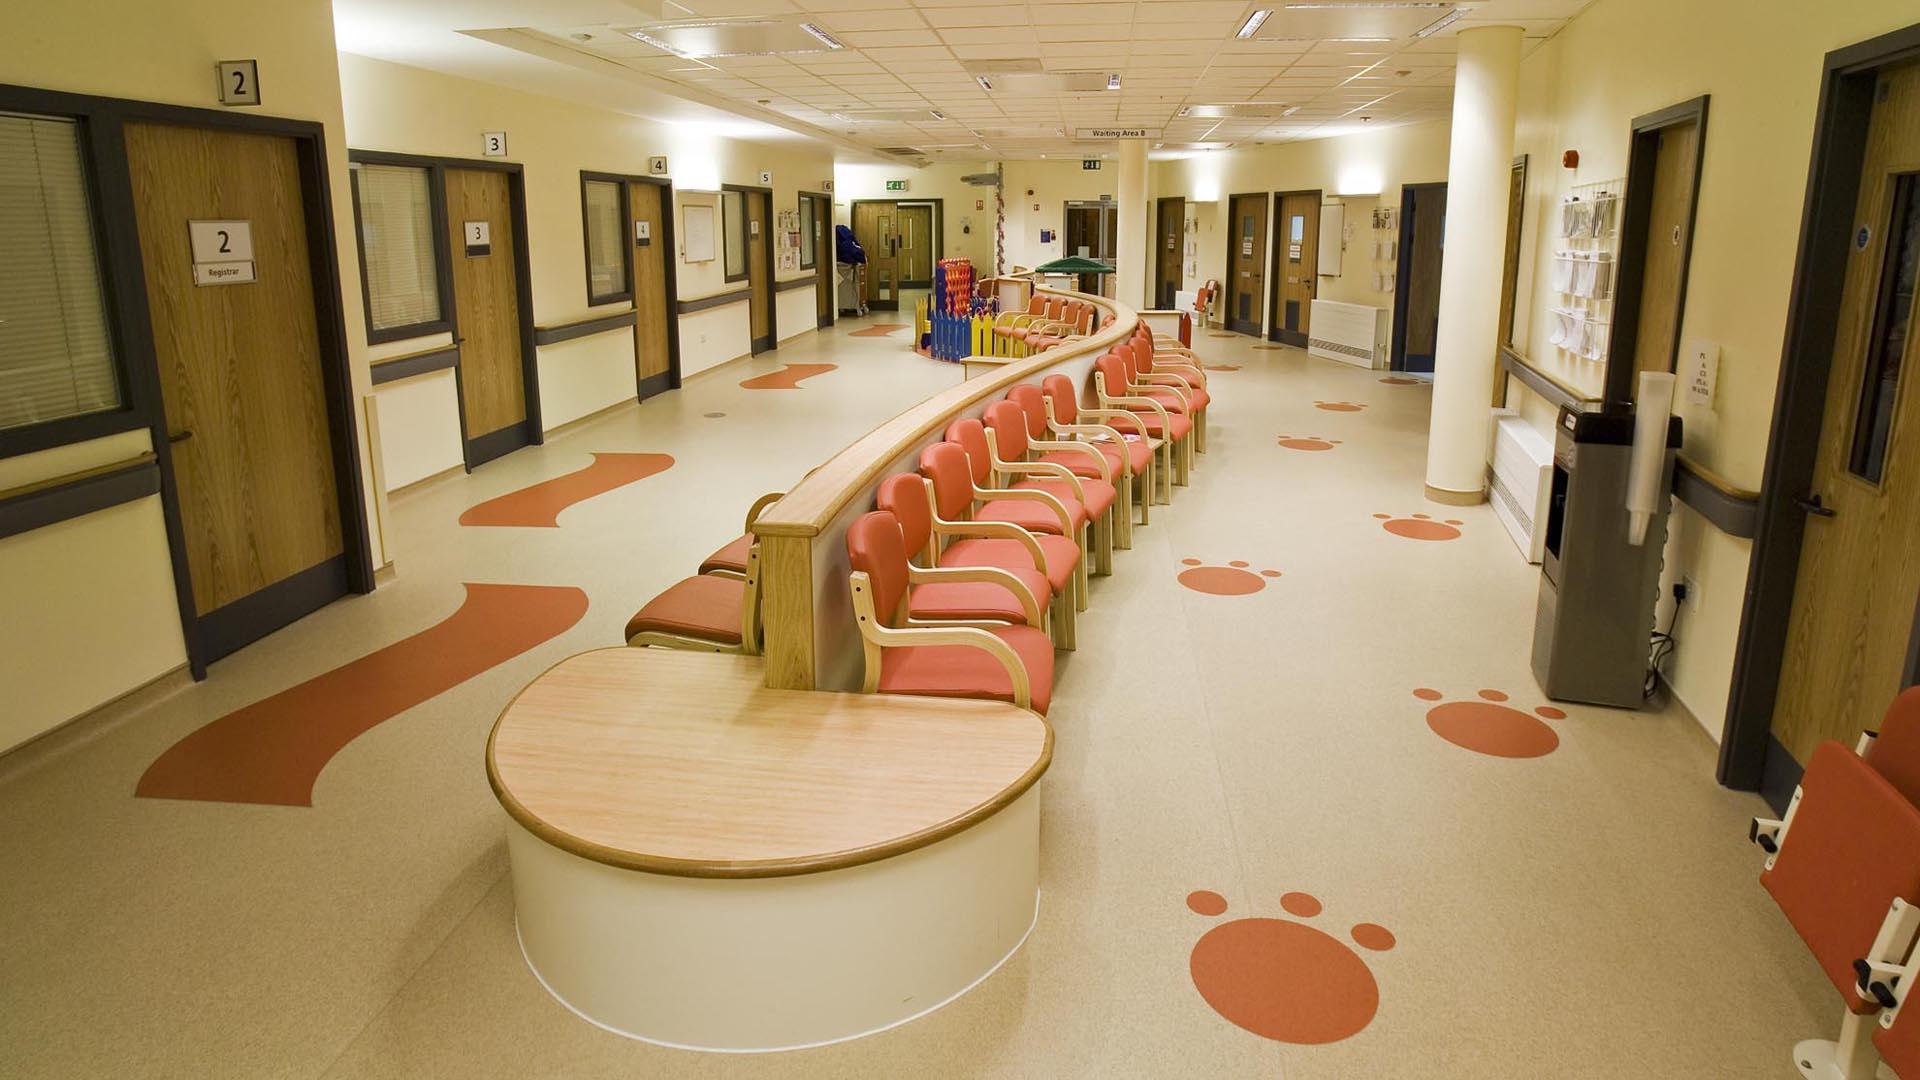 Formar pavimenti antiscivolo pavimenti di sicurezza antisdrucciolo